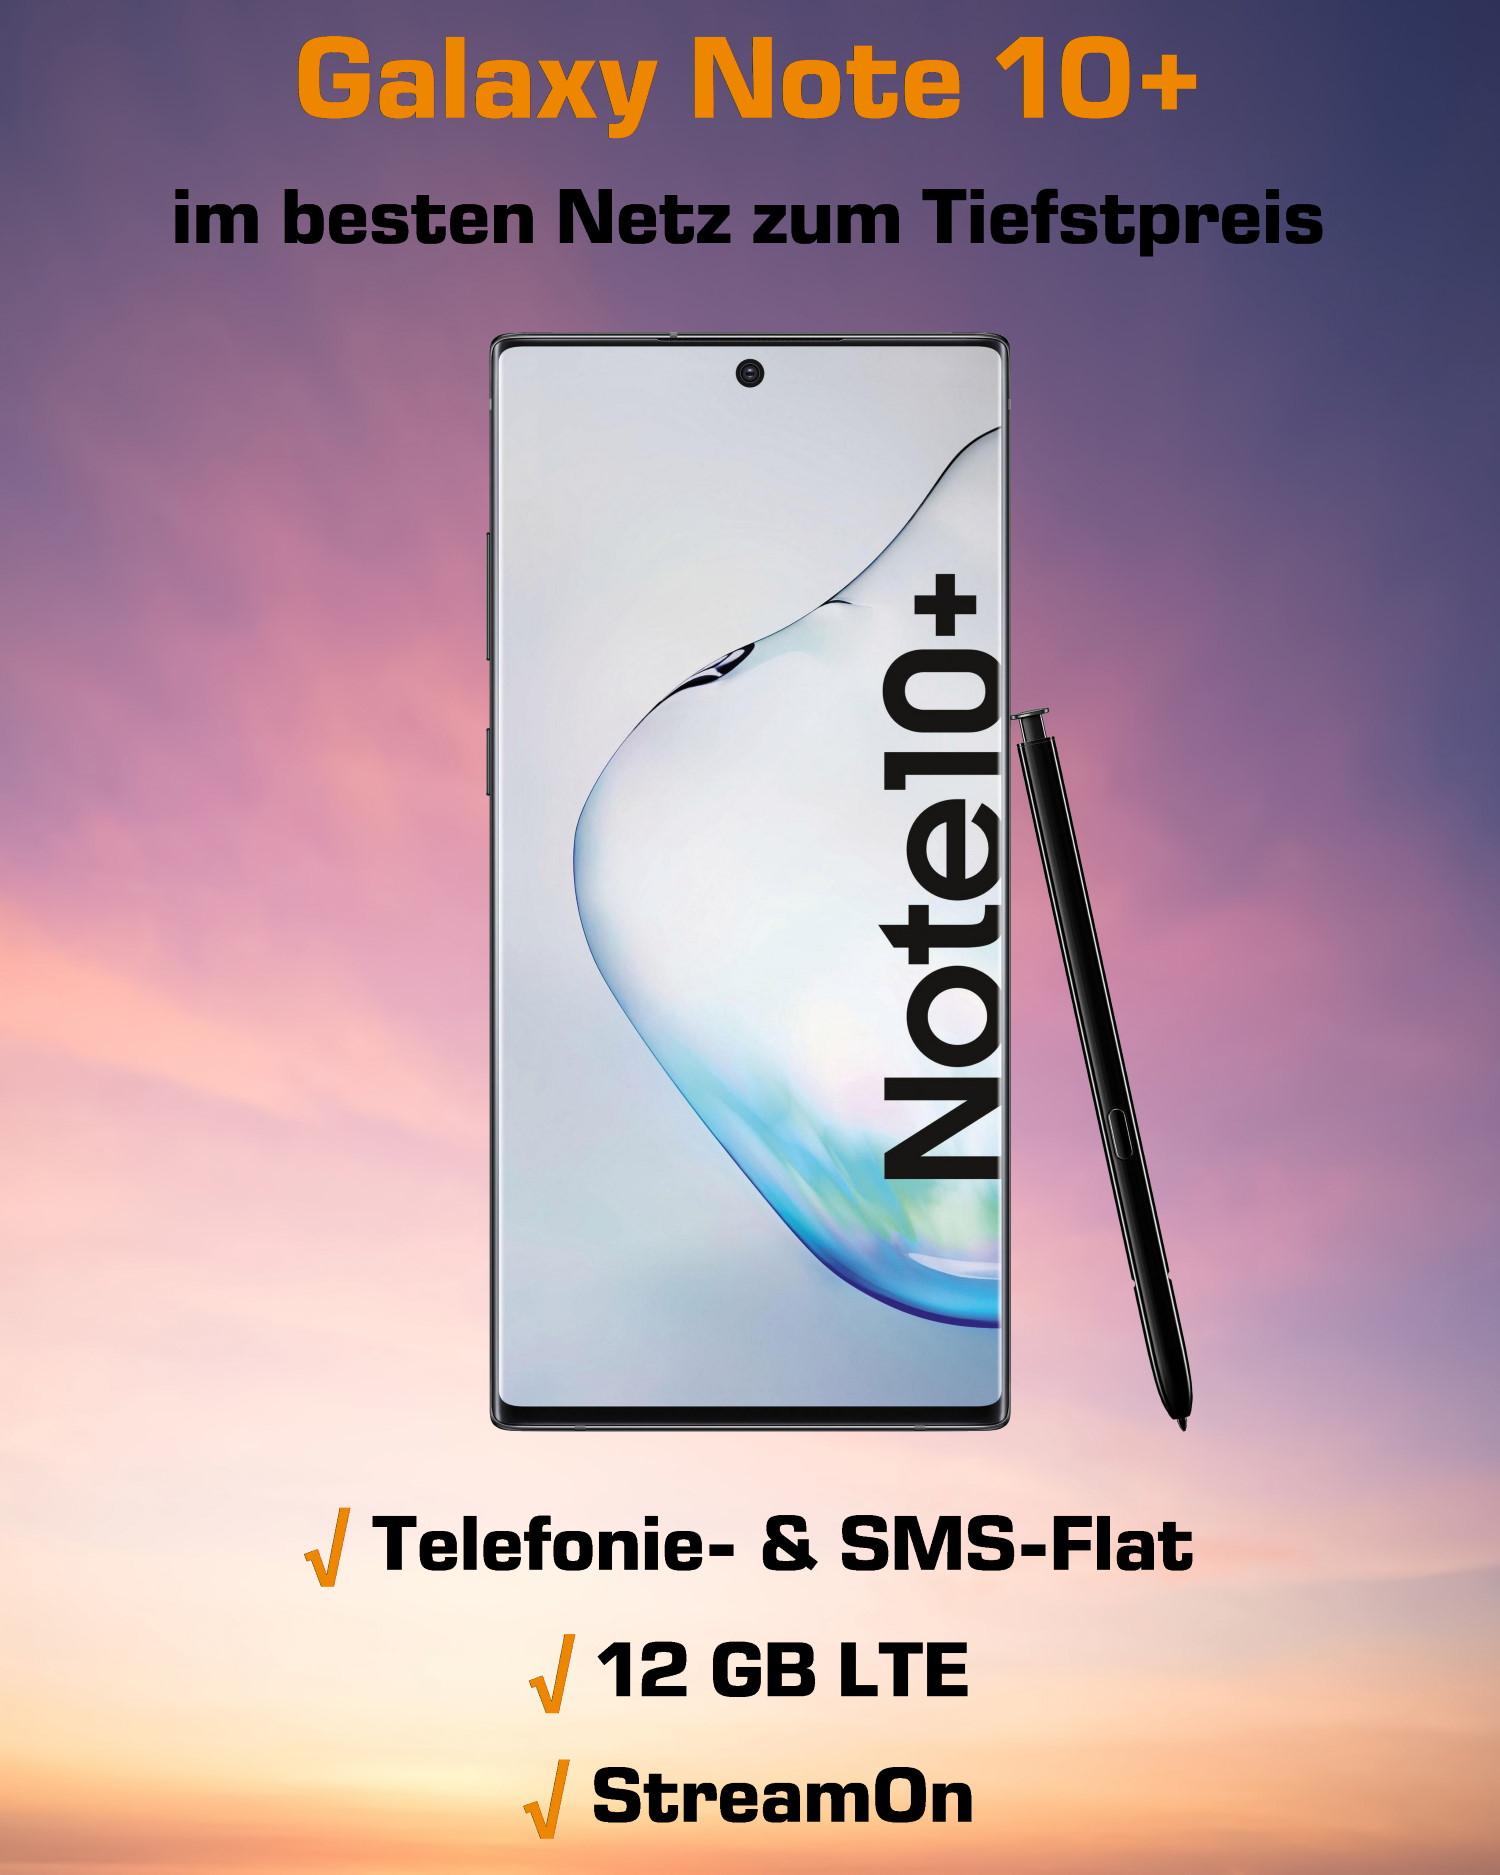 Galaxy Note 10 Plus Handyvertrag im besten D-Netz zum Tiefstpreis